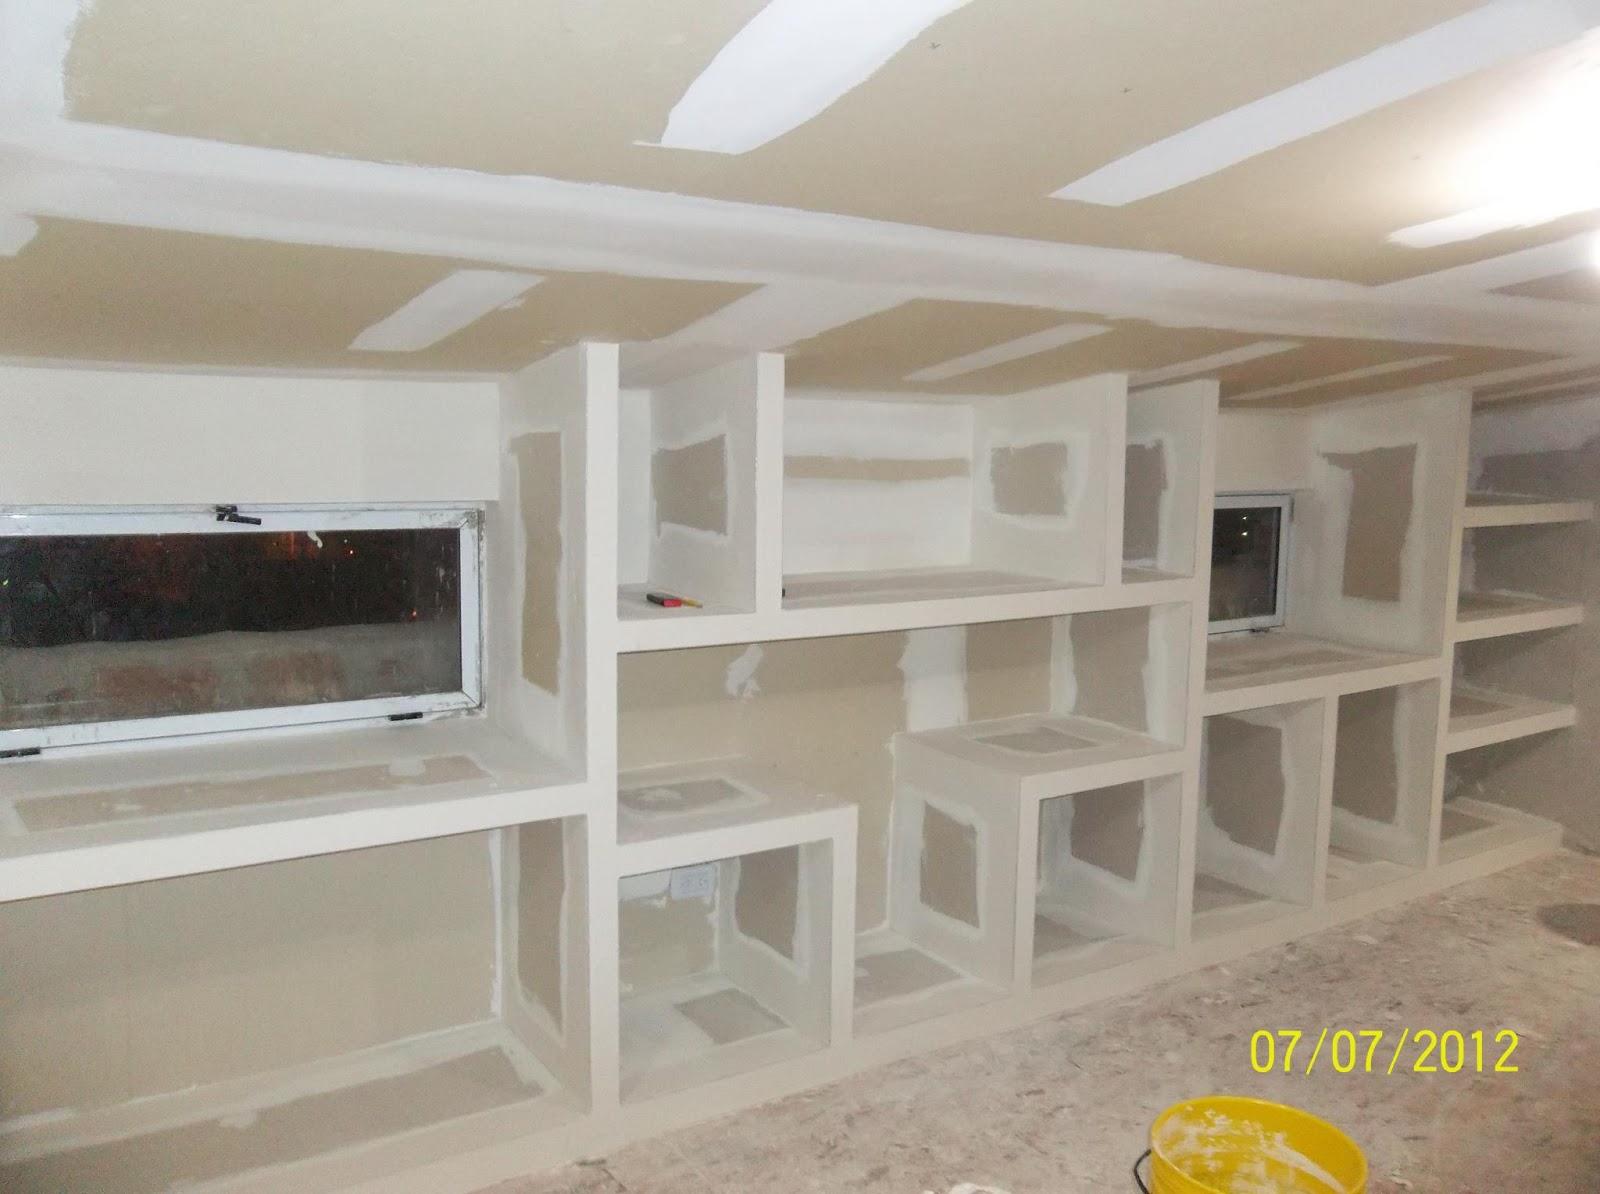 Adrian Perez Construcciones En Seco Durlock Muebles # Muebles Durlock